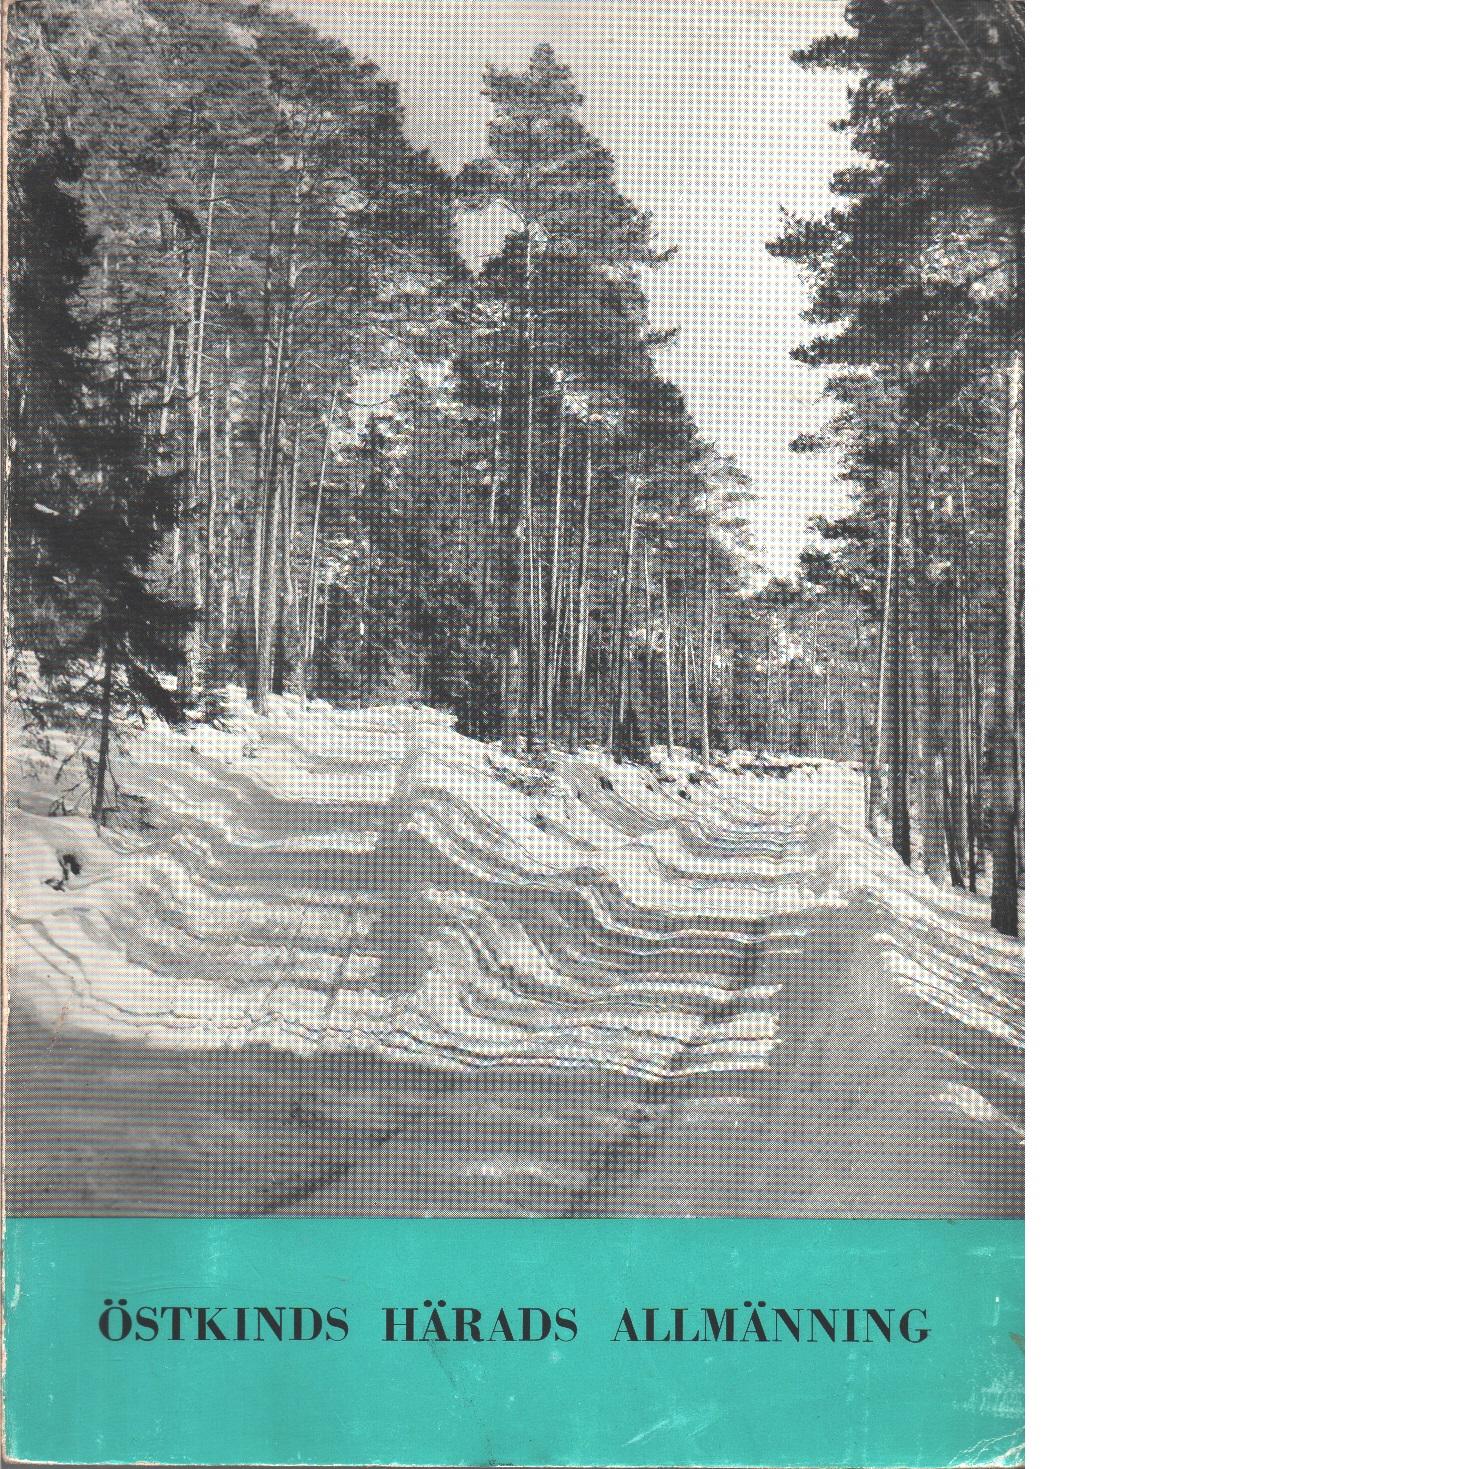 Östkinds härads allmänning : några minnesblad och bilder från Vikboland och Kolmård - Risberg, Georg E.